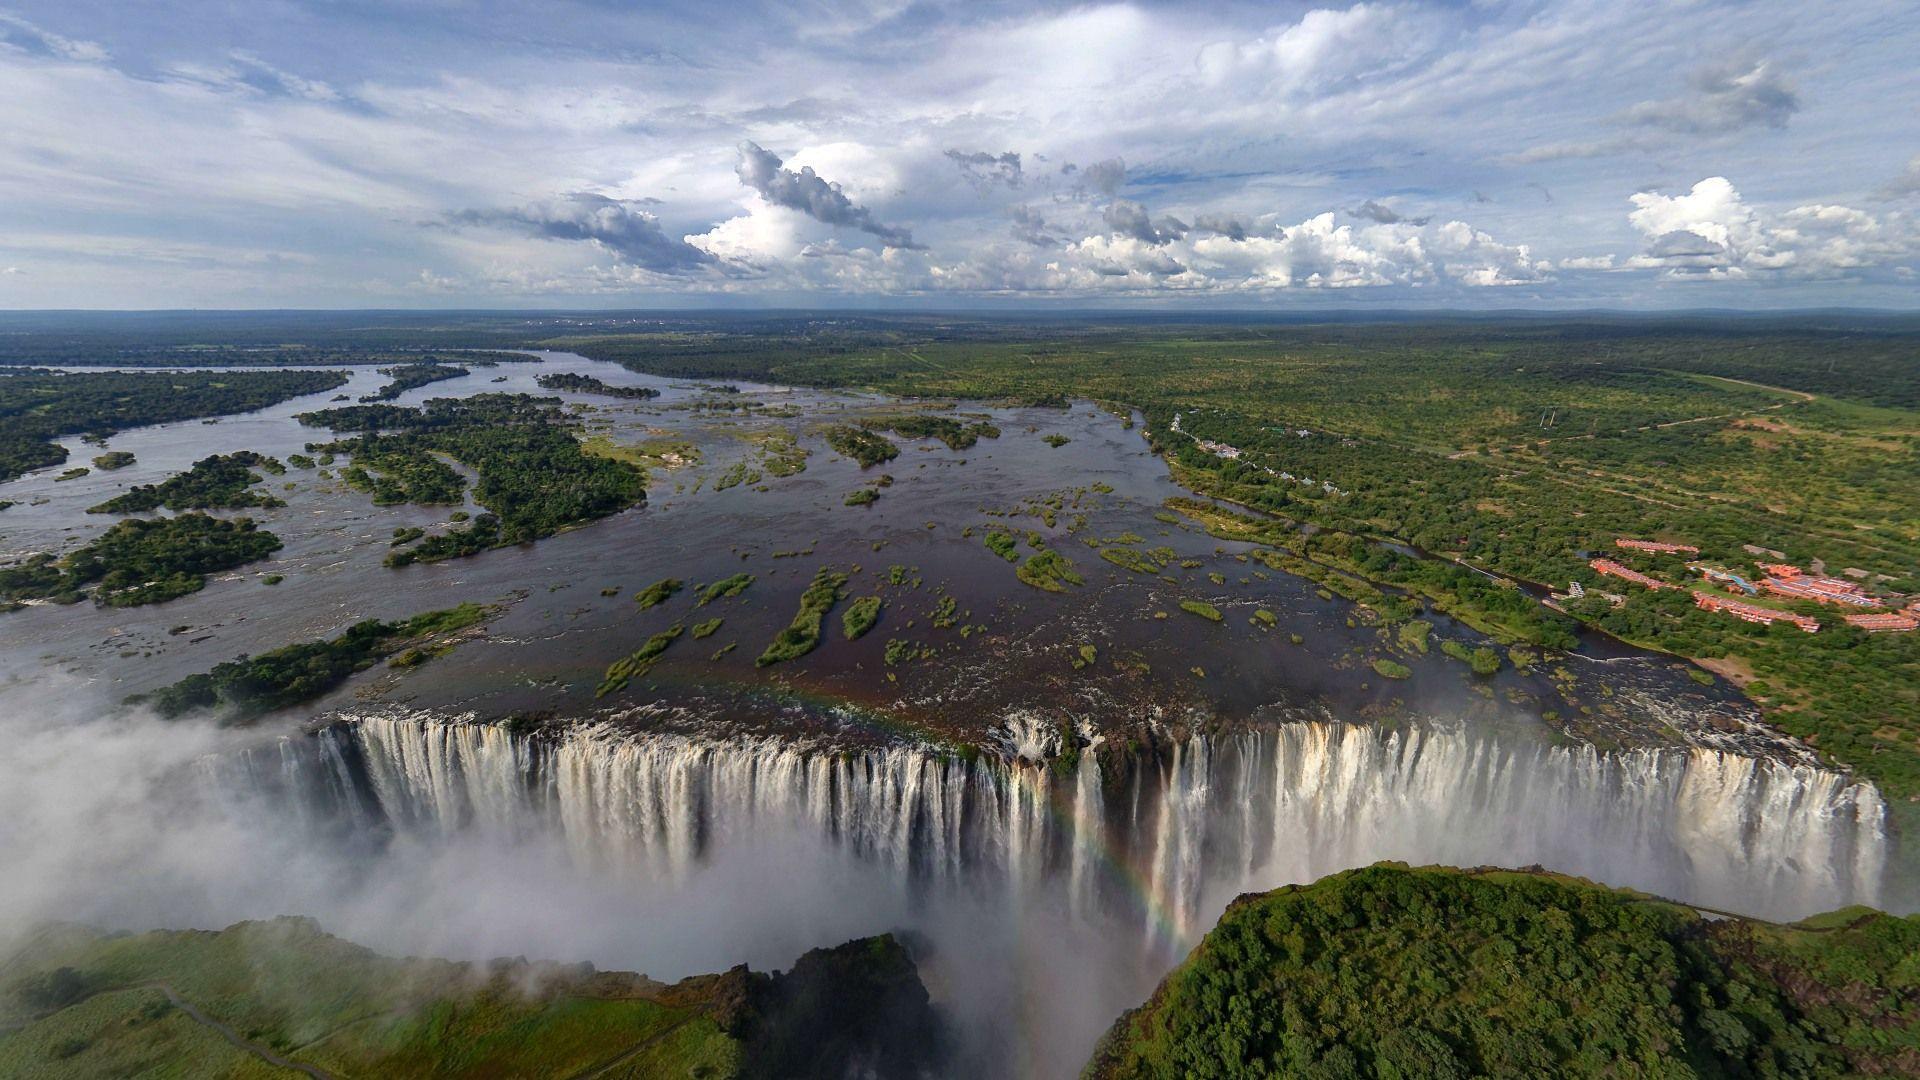 Zambezi River, Zambia and Mozambique The Zambezi flows 2,700 kilometers  through six African coun… | Beautiful places to visit, Victoria falls,  Wonders of the world